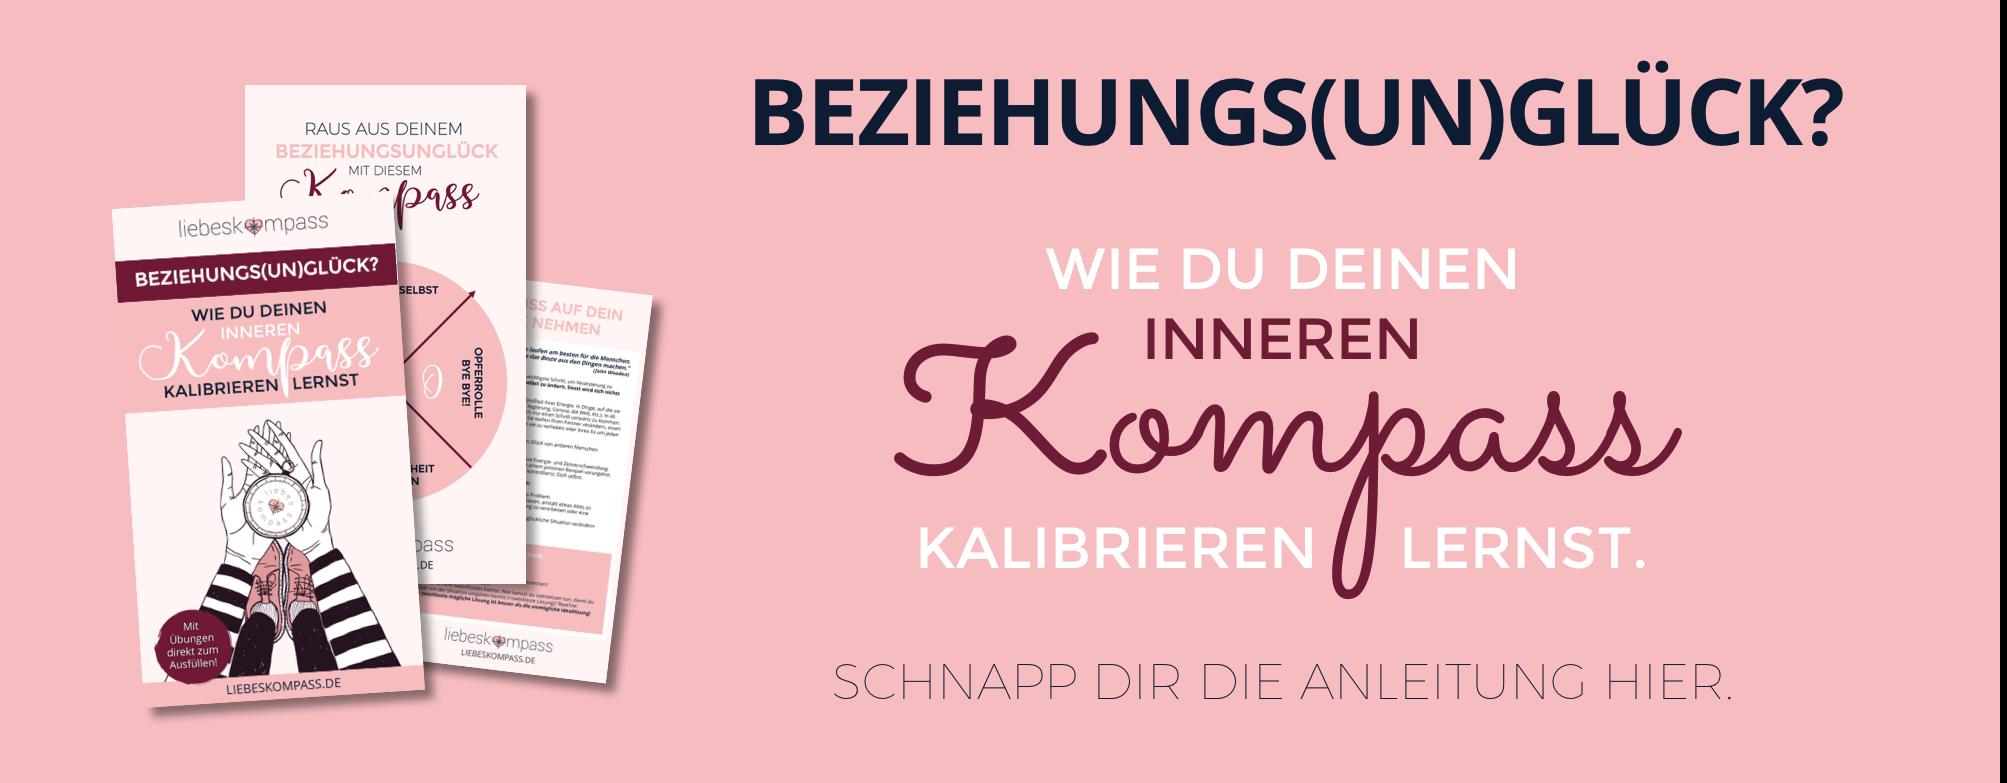 Liebeskompass gratis E-Book innerer Kompass